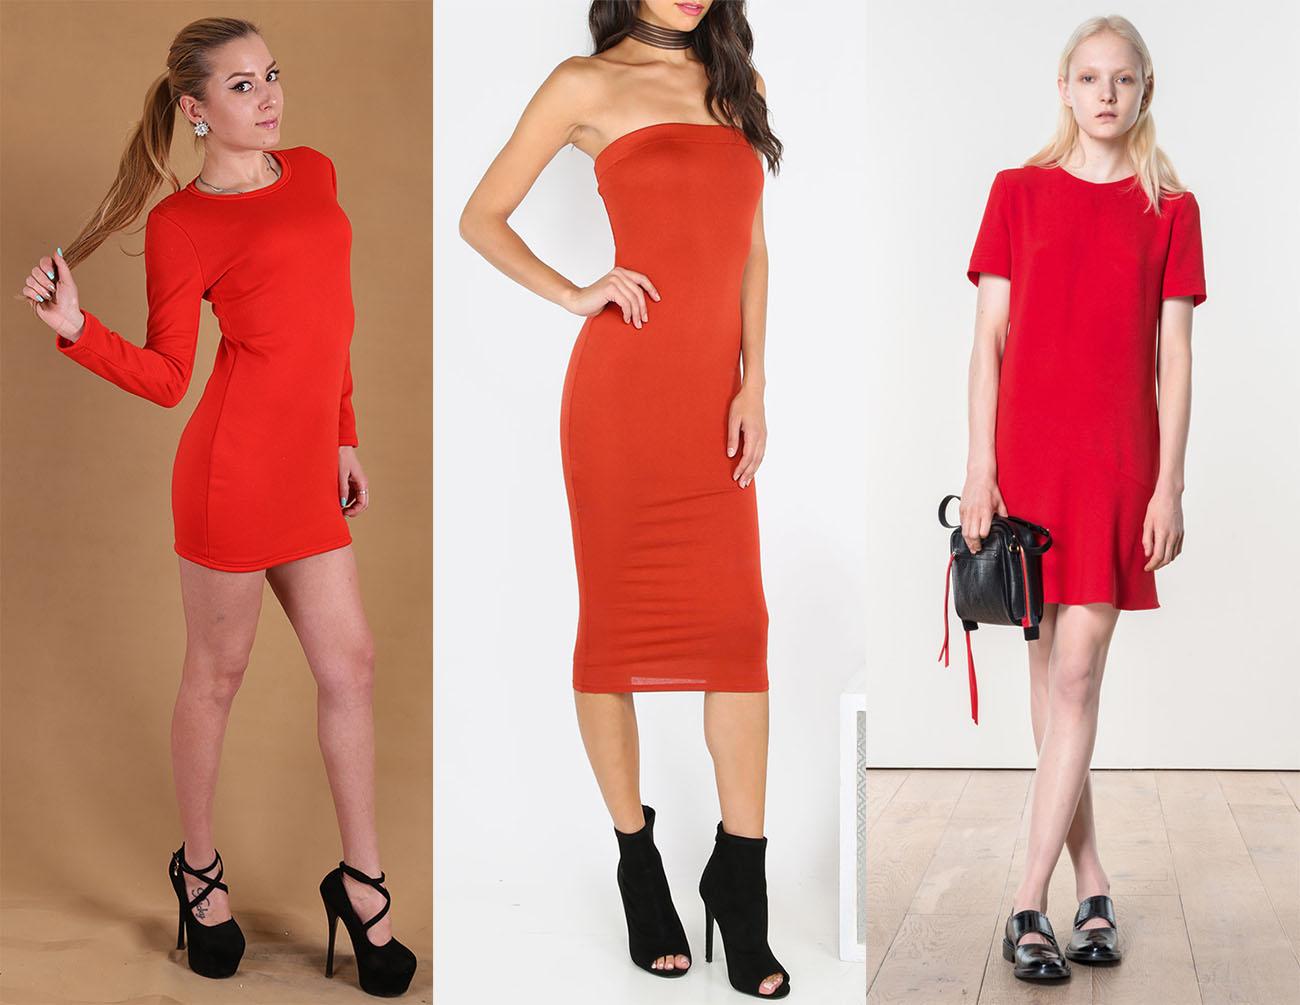 7c115278b11 Чёрная обувь с красным платьем